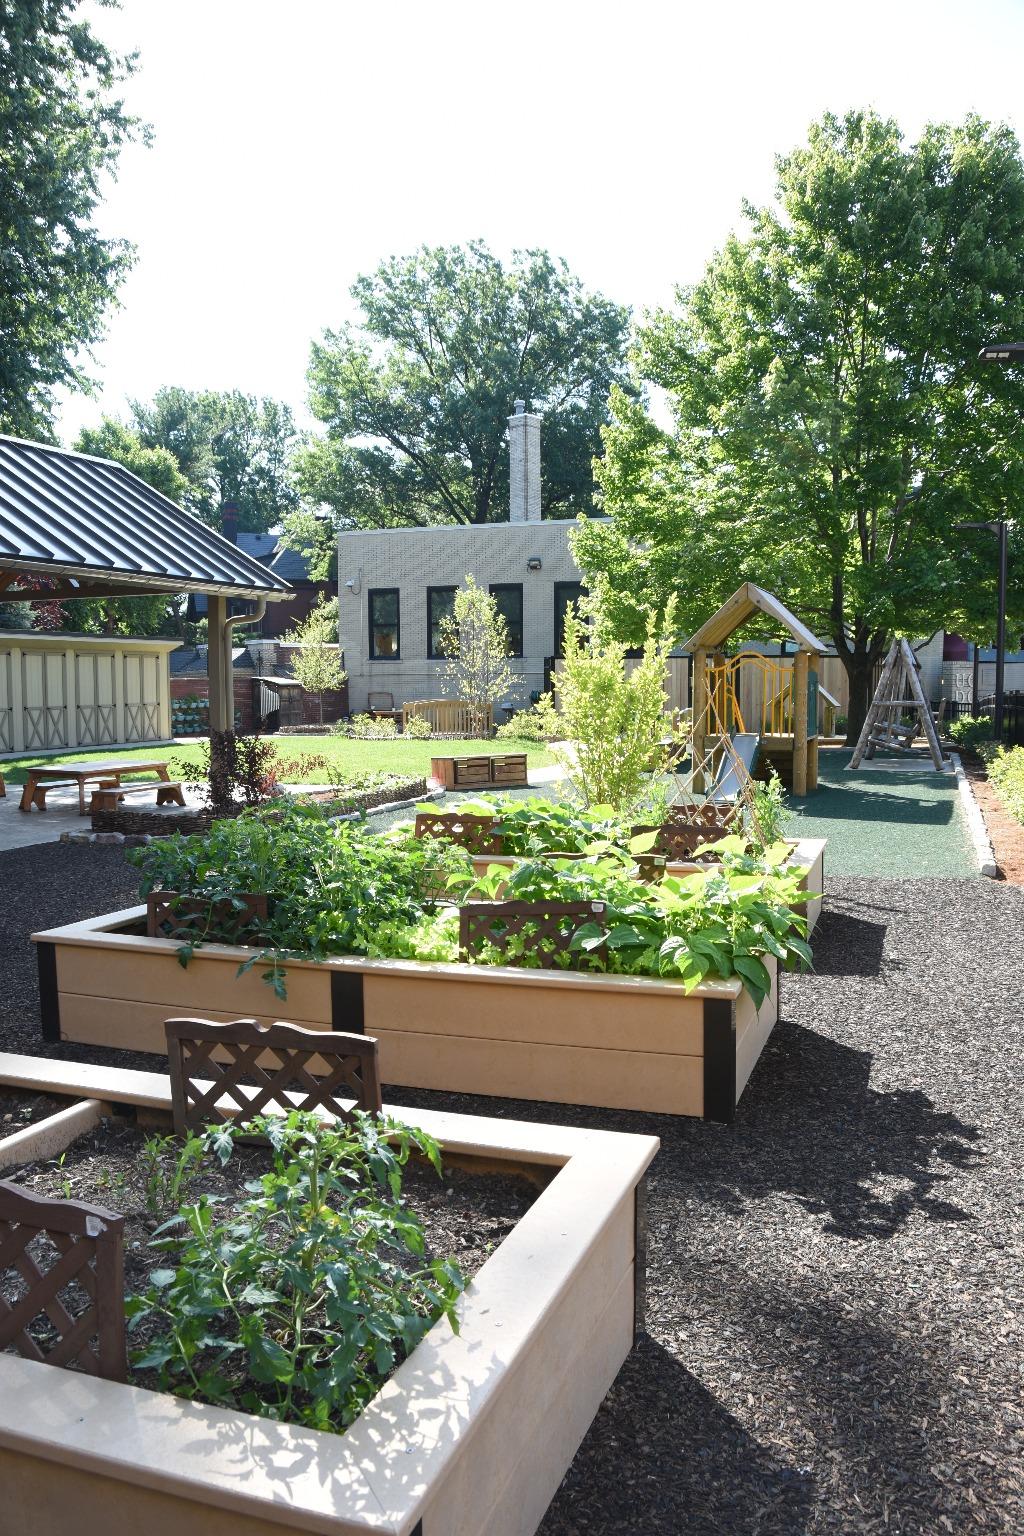 Child Development Center Playground